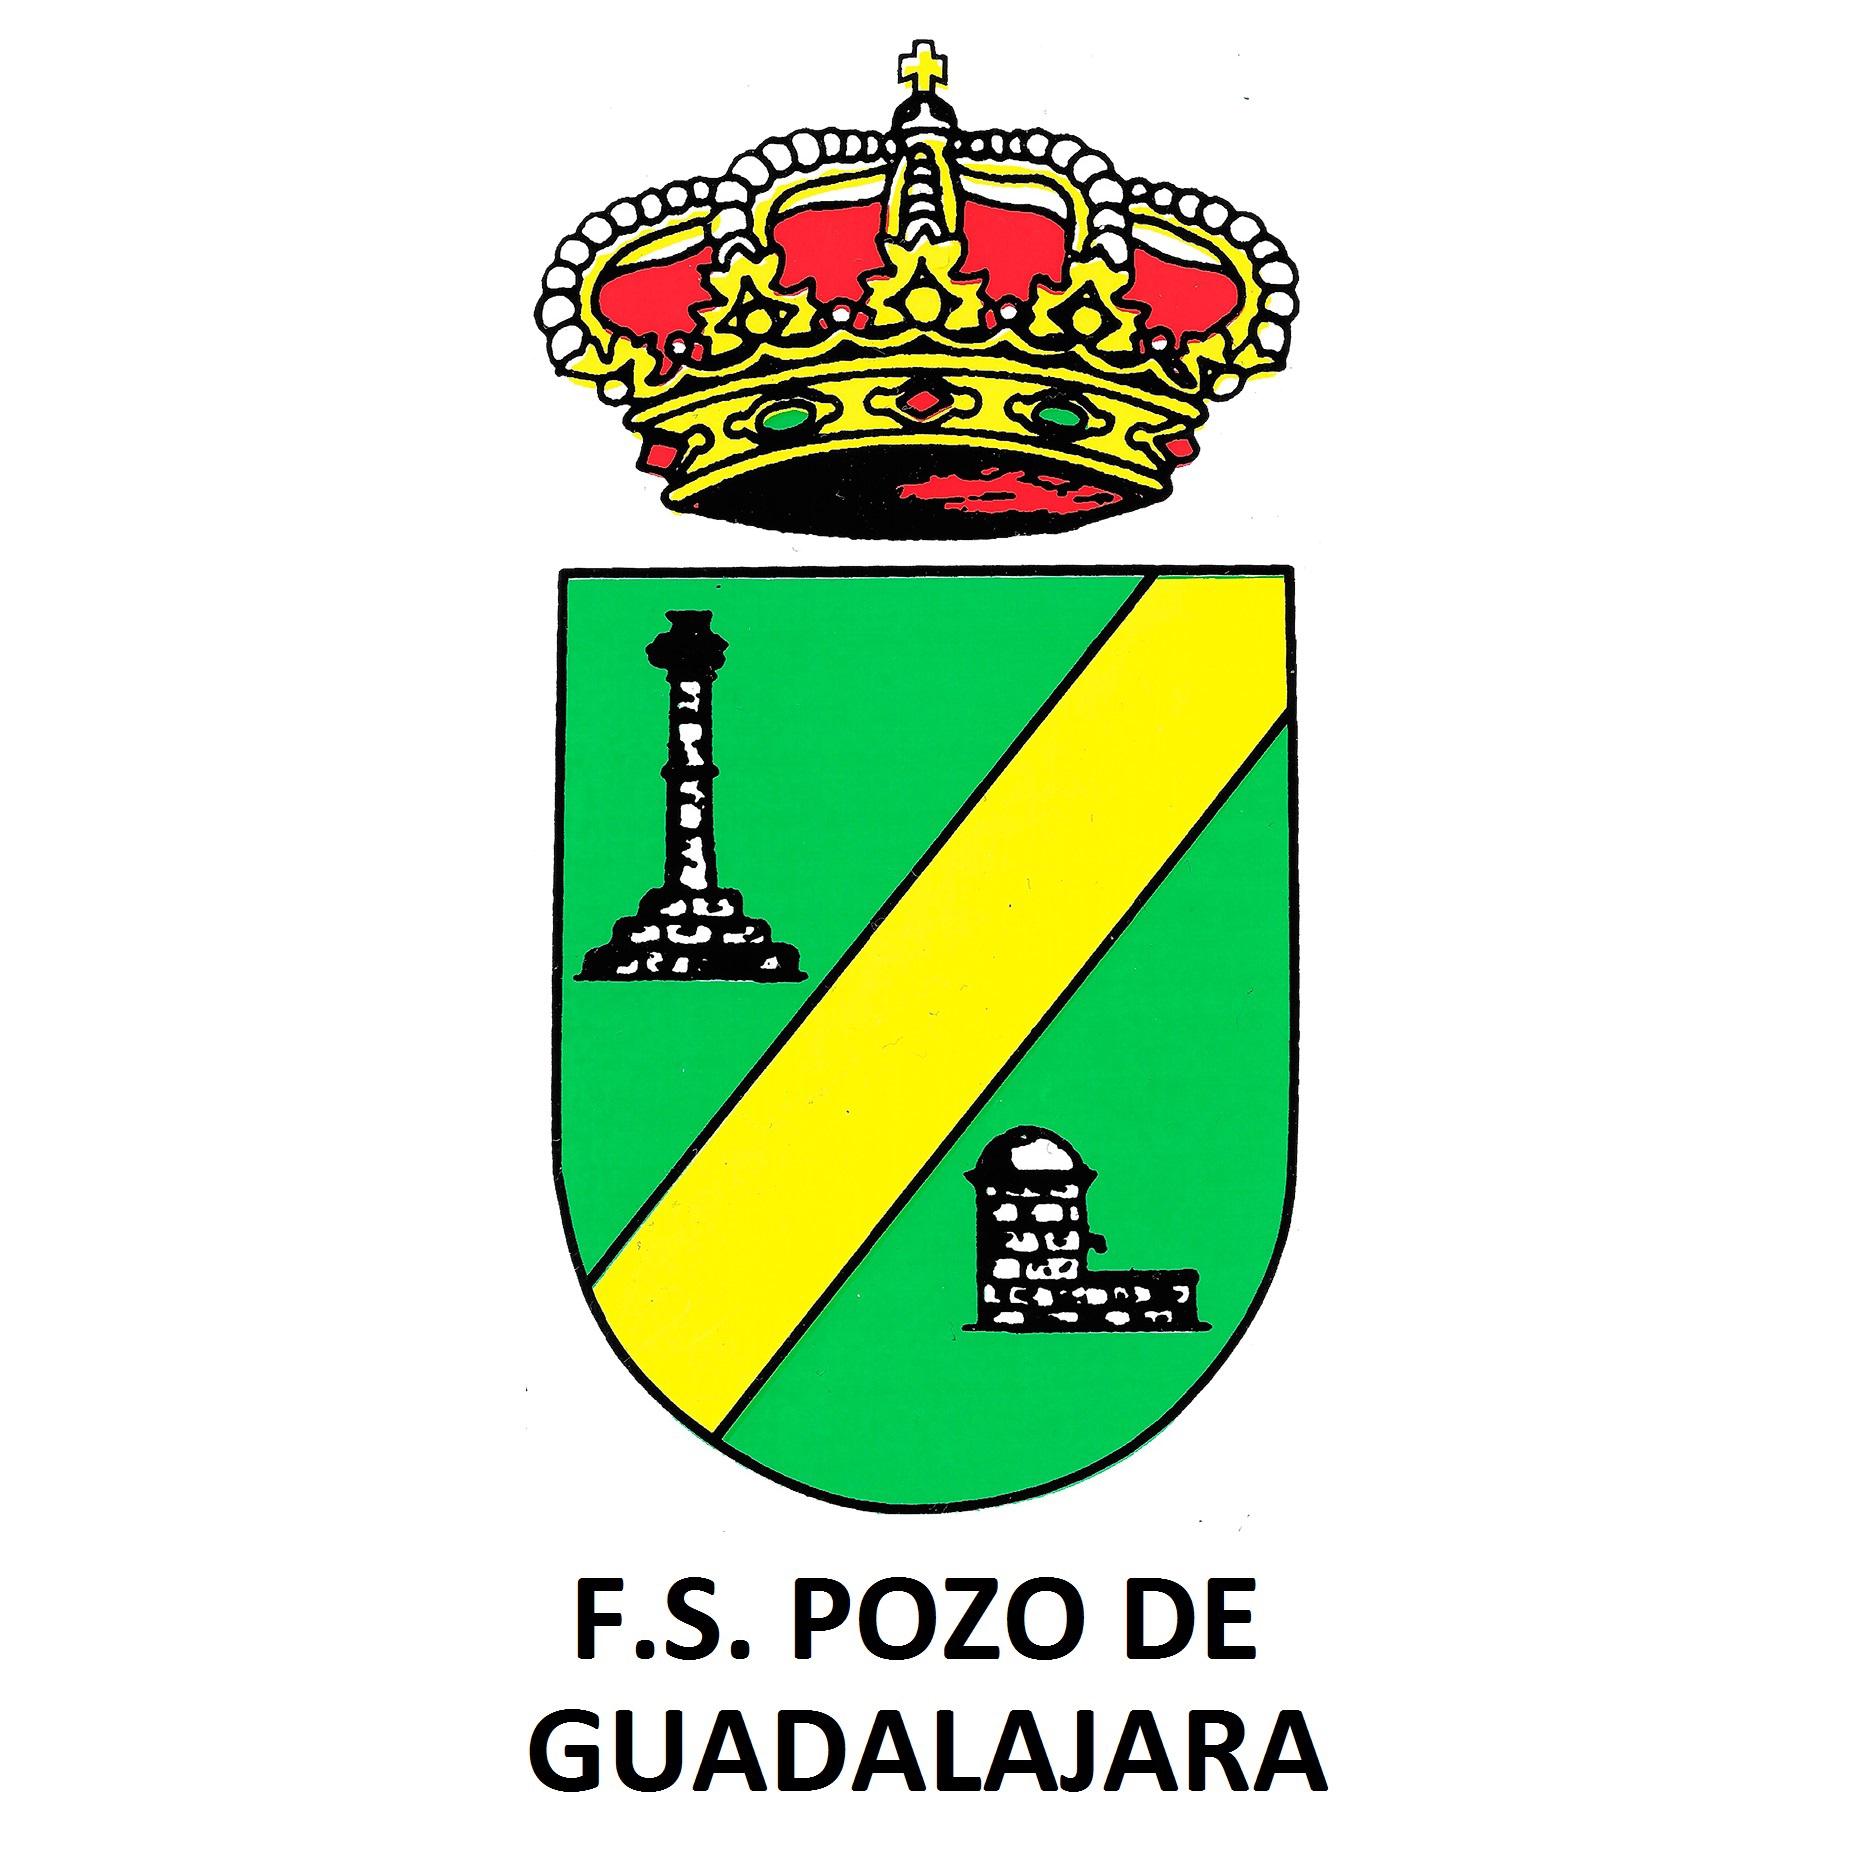 F.S. Pozo de Guadalajara